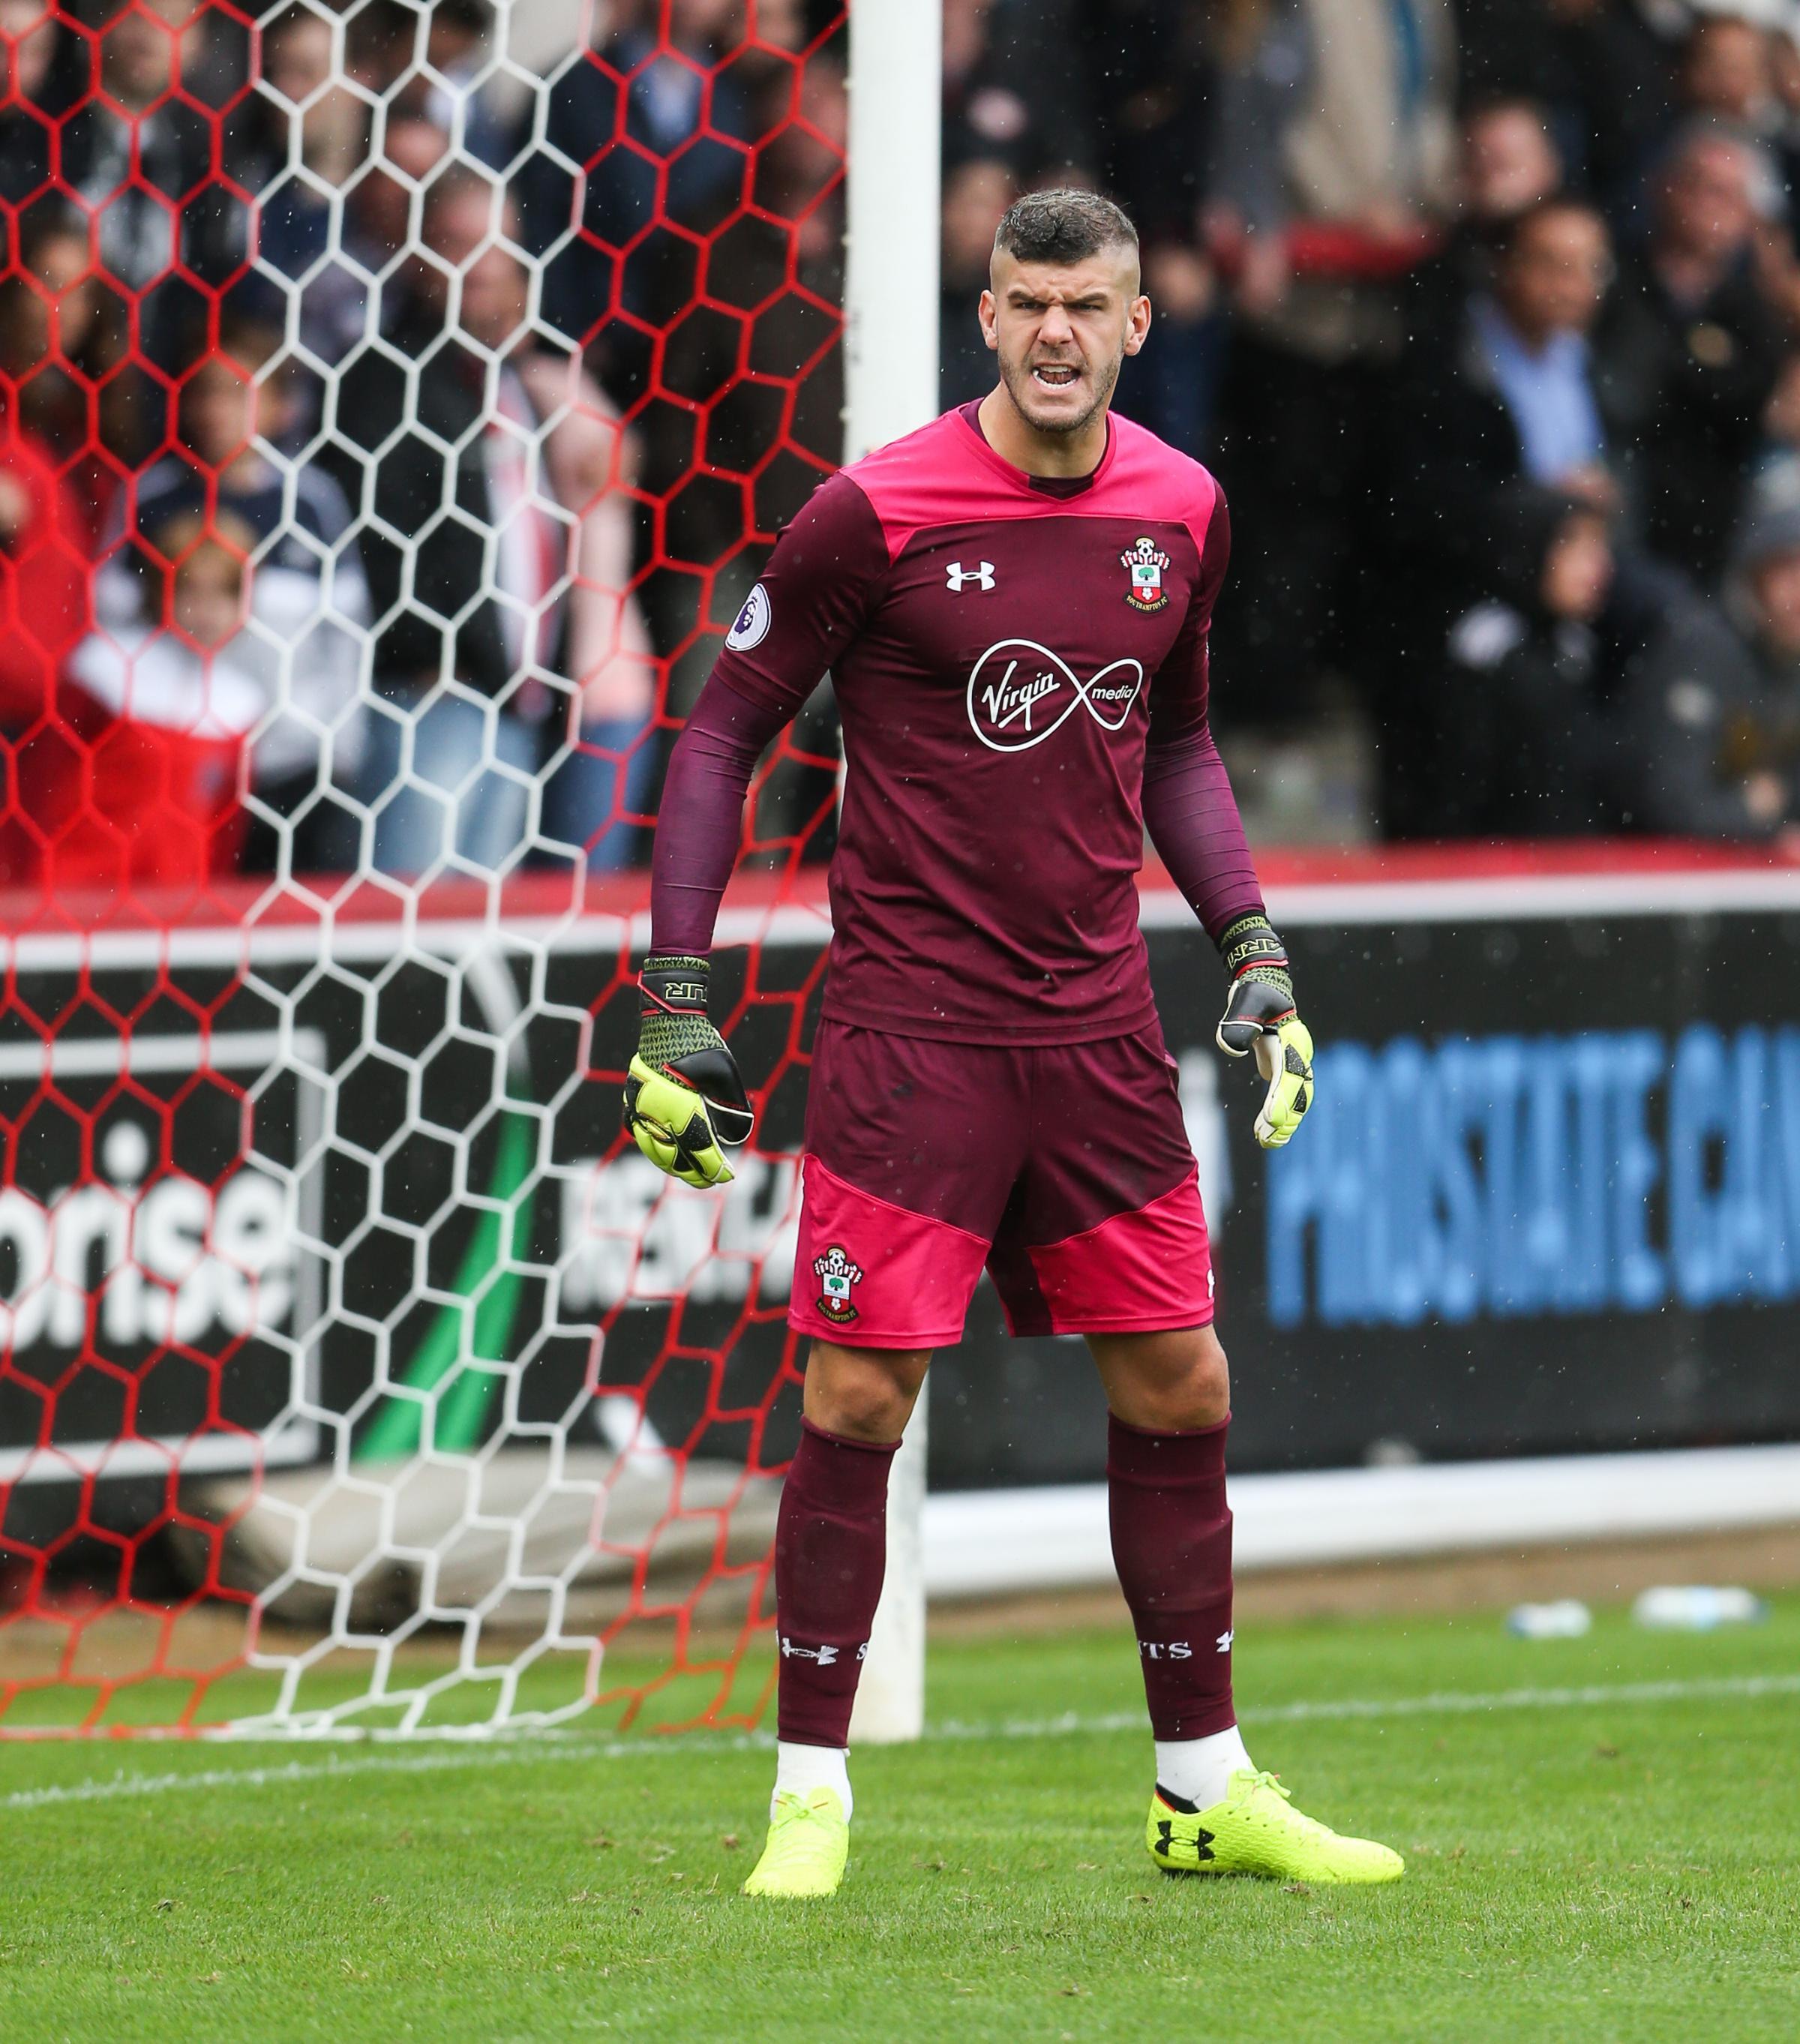 Southampton goalkeeper Fraser Forster has joined Celtic on loan